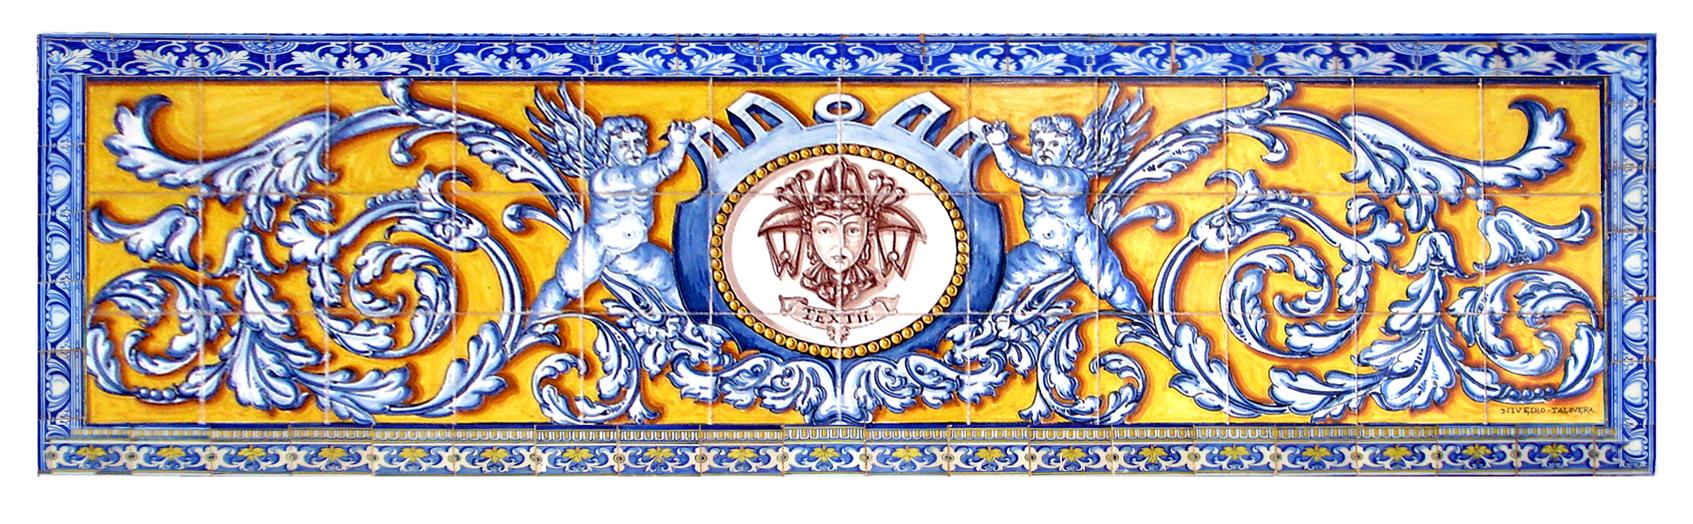 La cer mica de talavera de la reina resumen de contenidos - Talavera dela reina ceramica ...